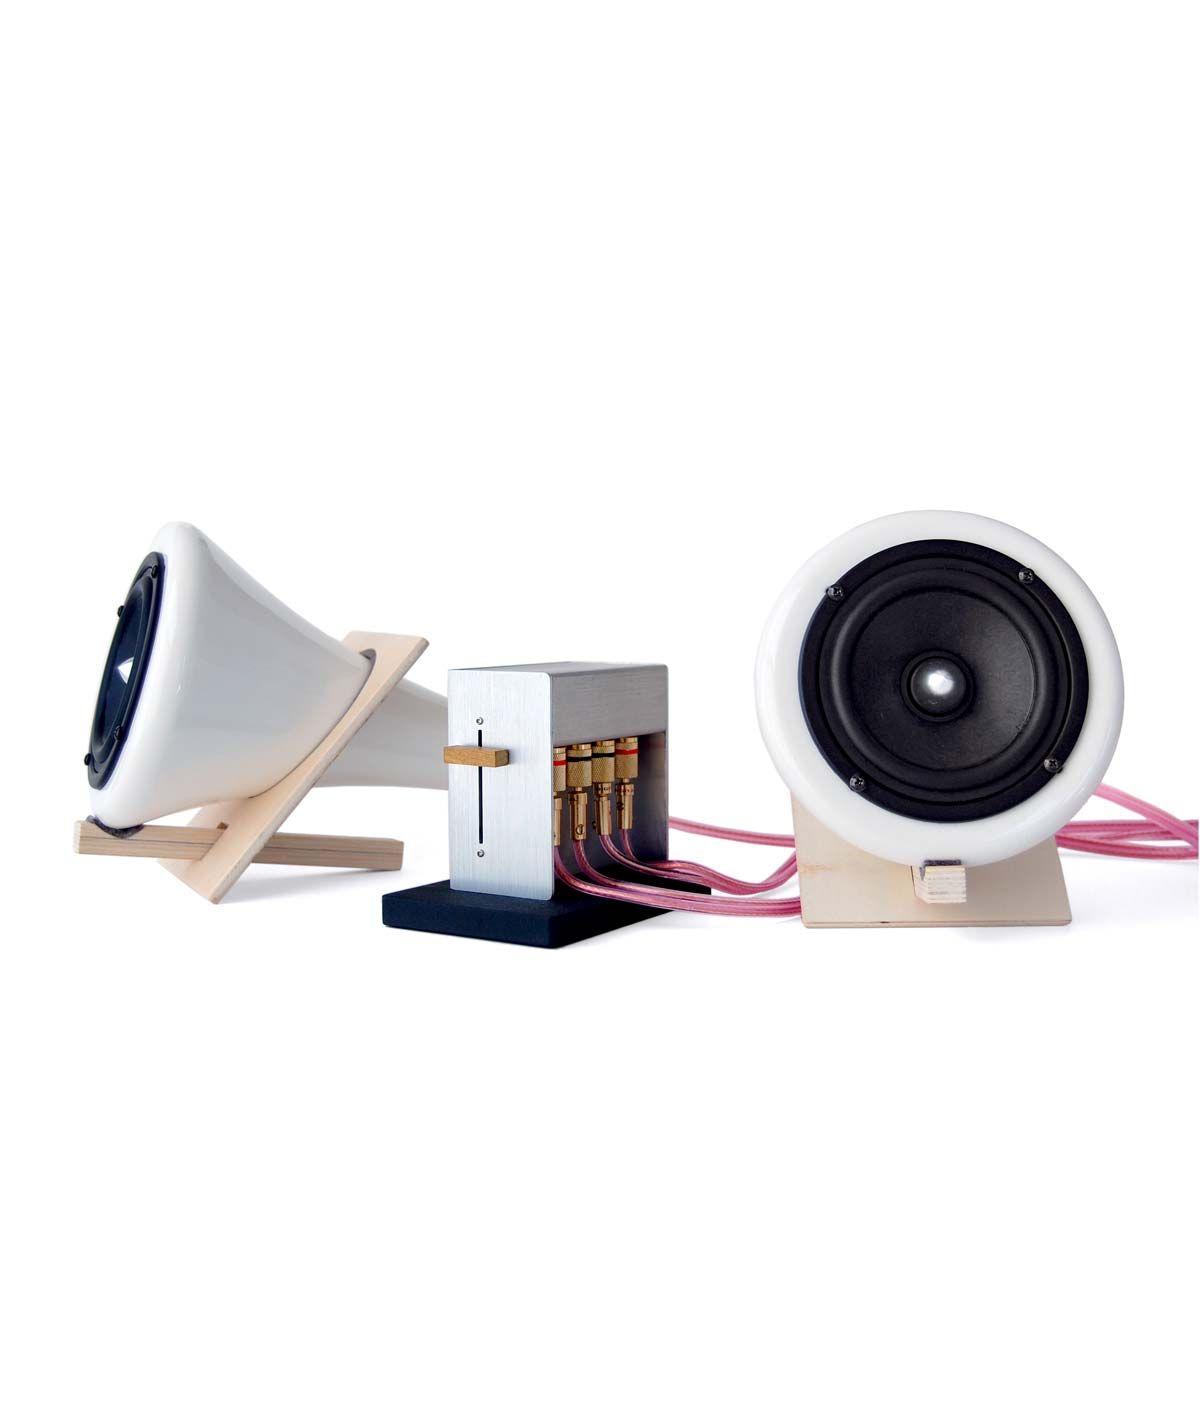 Ceramic Speakers Joey Roth Stereo Speaker Amplifier